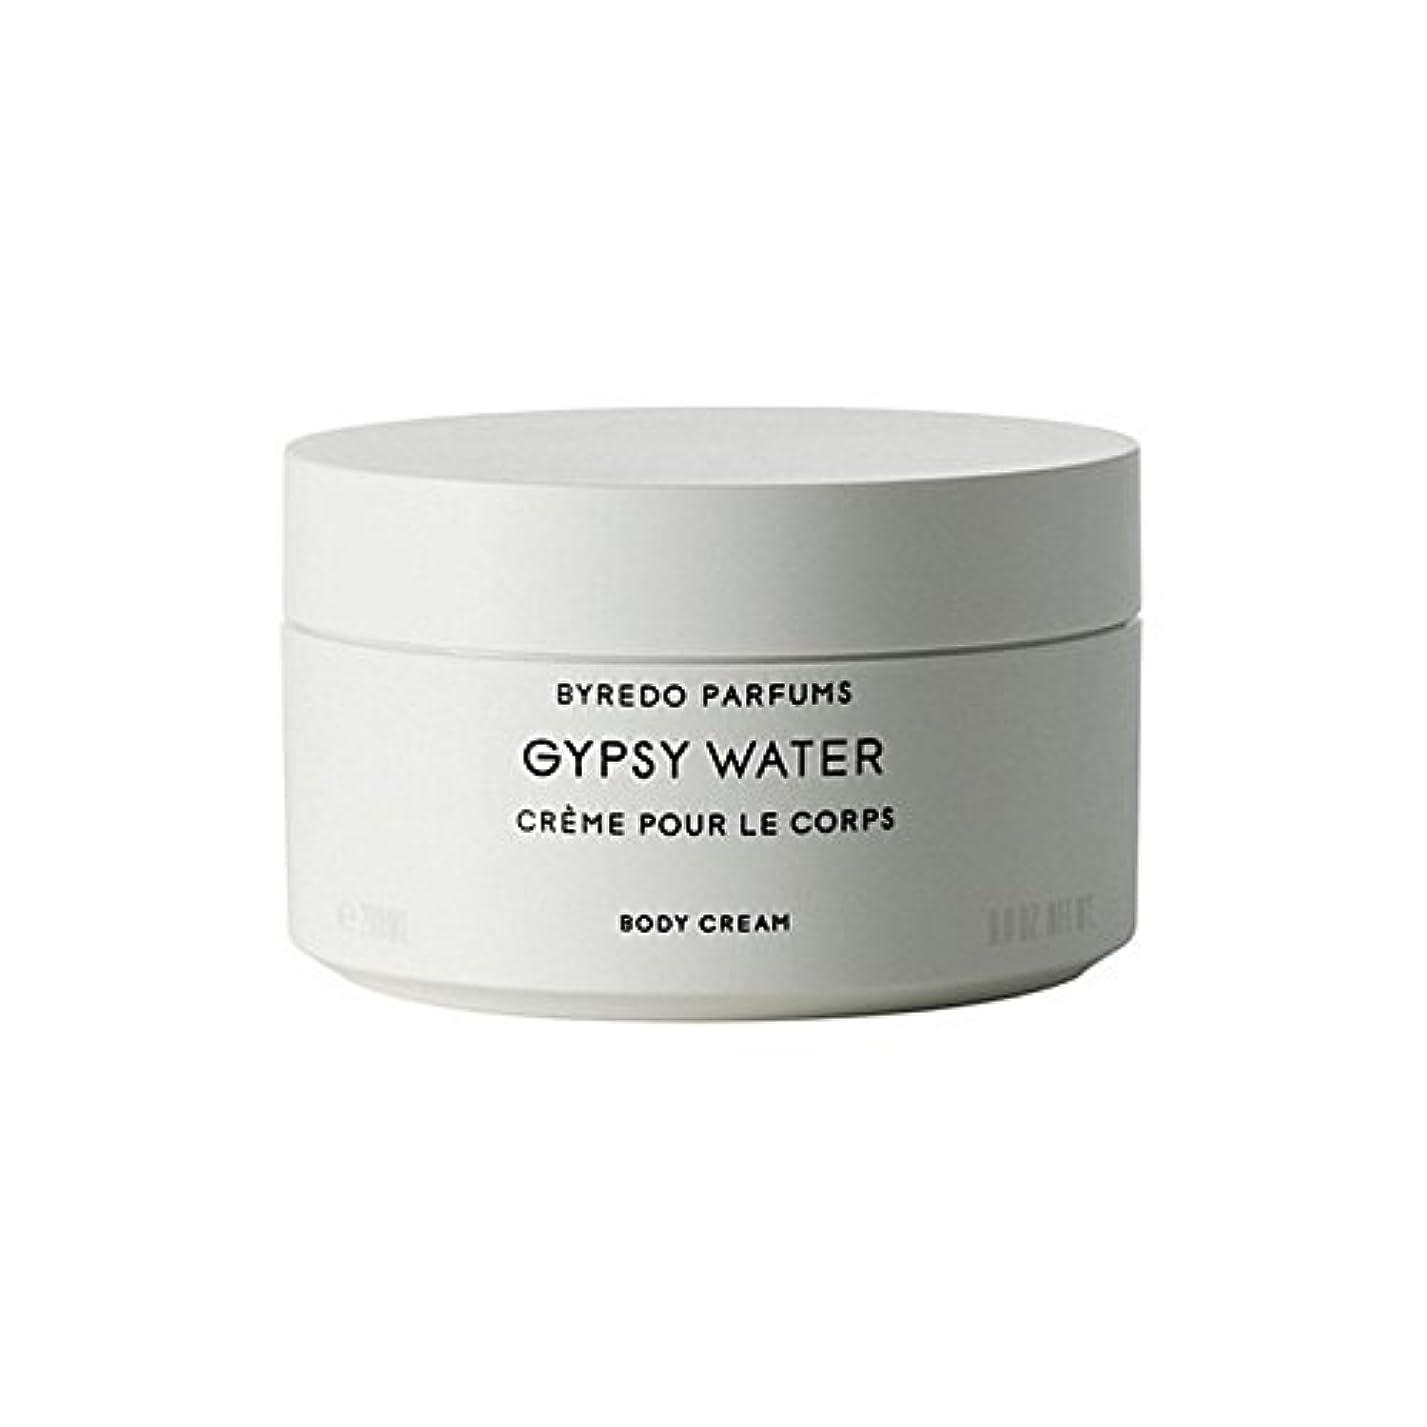 ハイキングに行く校長スズメバチジプシー水ボディクリーム200ミリリットル x2 - Byredo Gypsy Water Body Cream 200ml (Pack of 2) [並行輸入品]